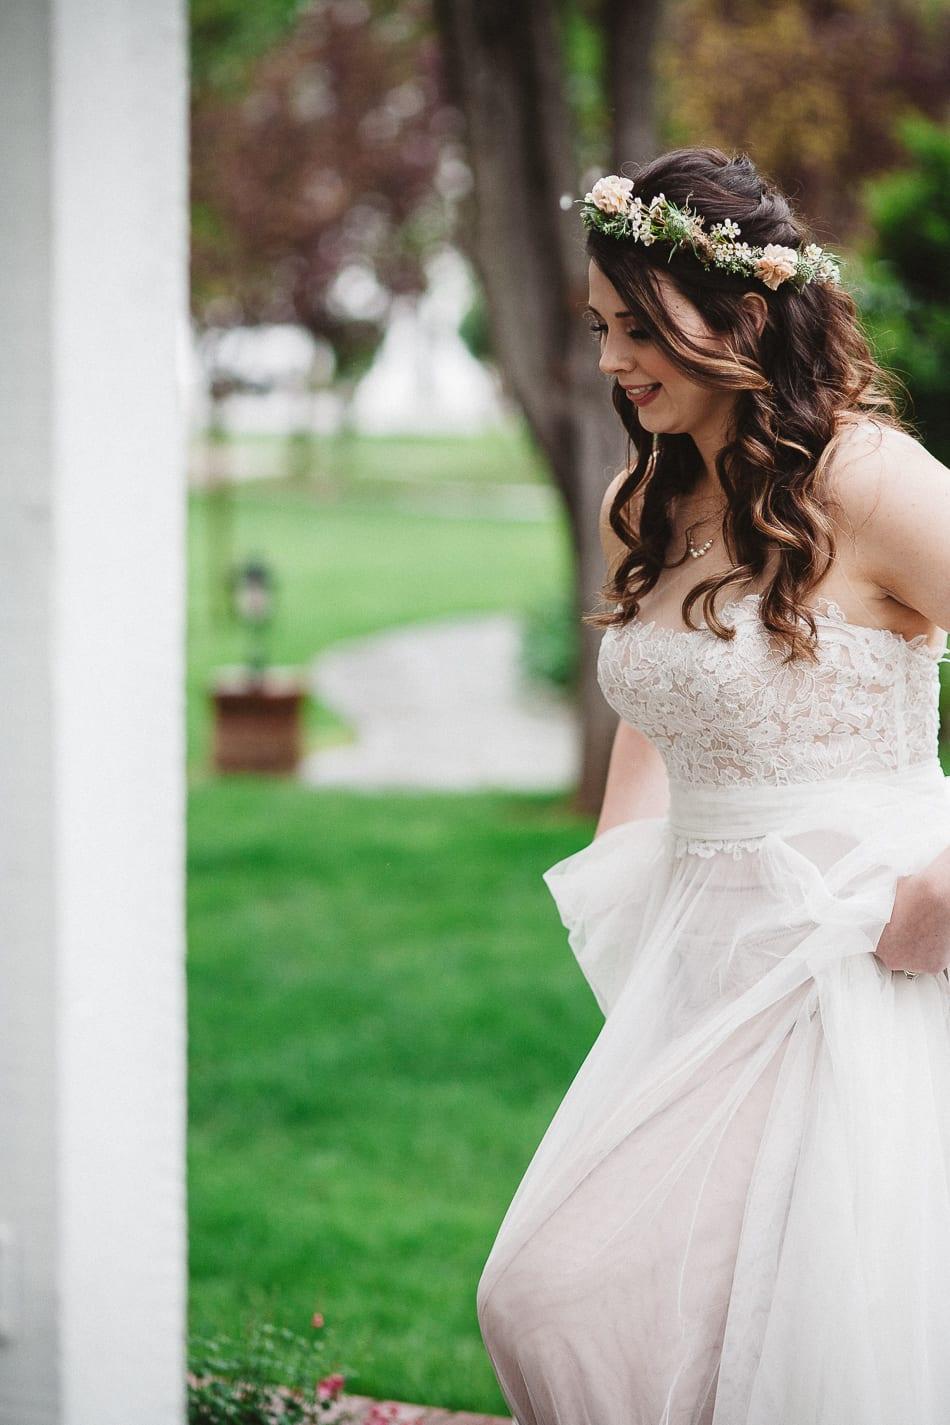 gover-ranch-redding-california-wedding-photographer-59